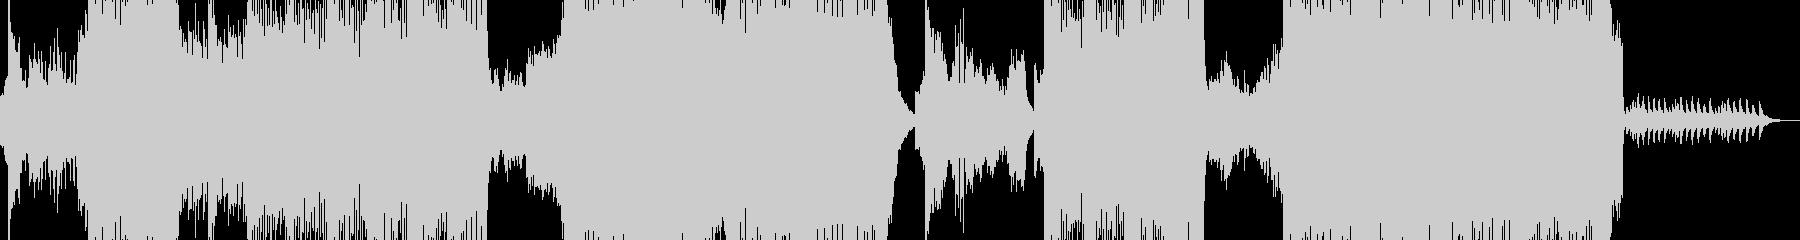 怒涛の歪みテクノコアの未再生の波形